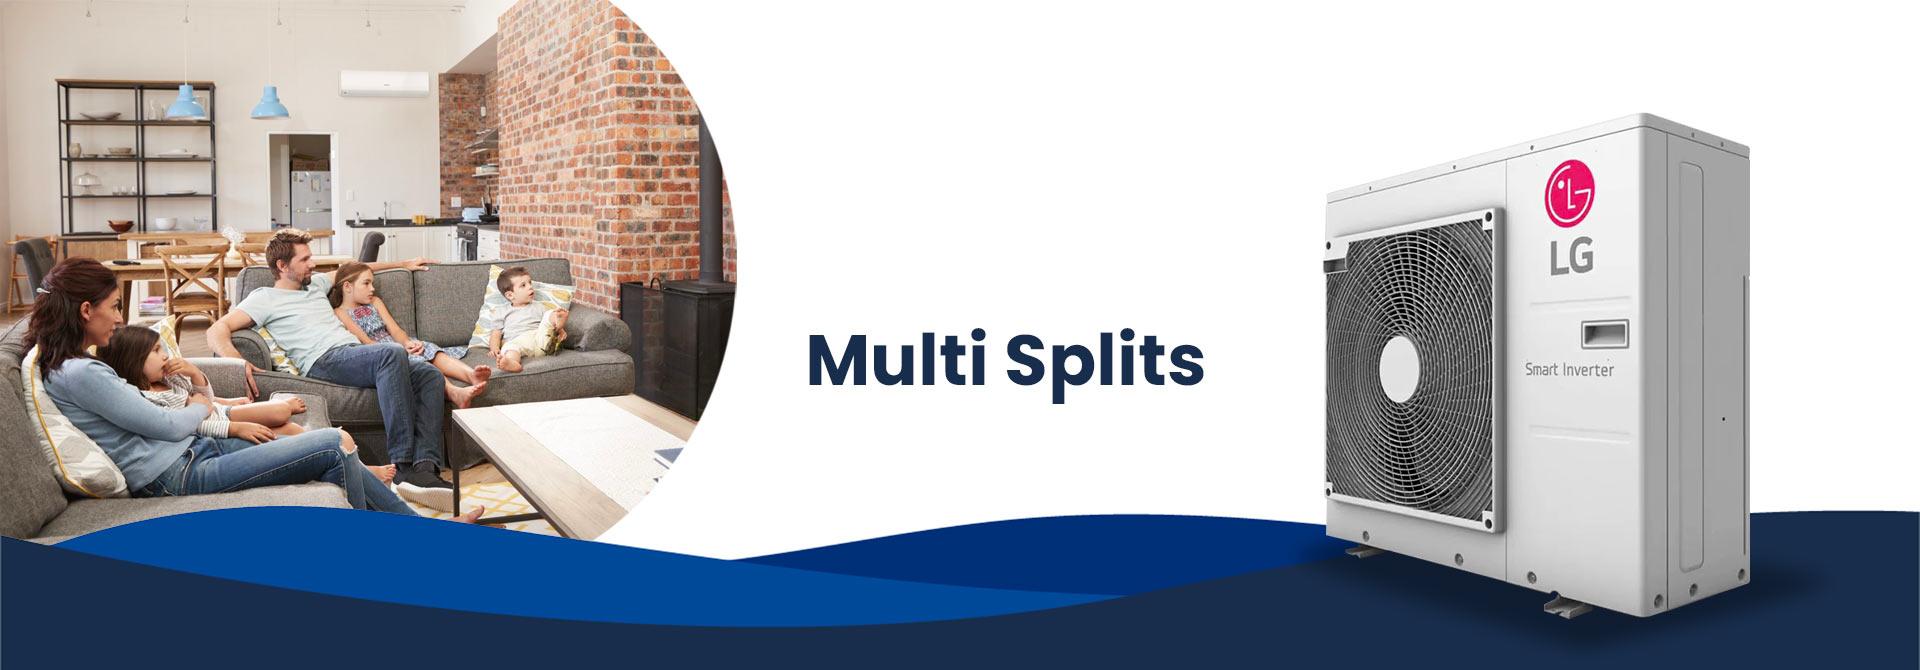 venta de multi splits